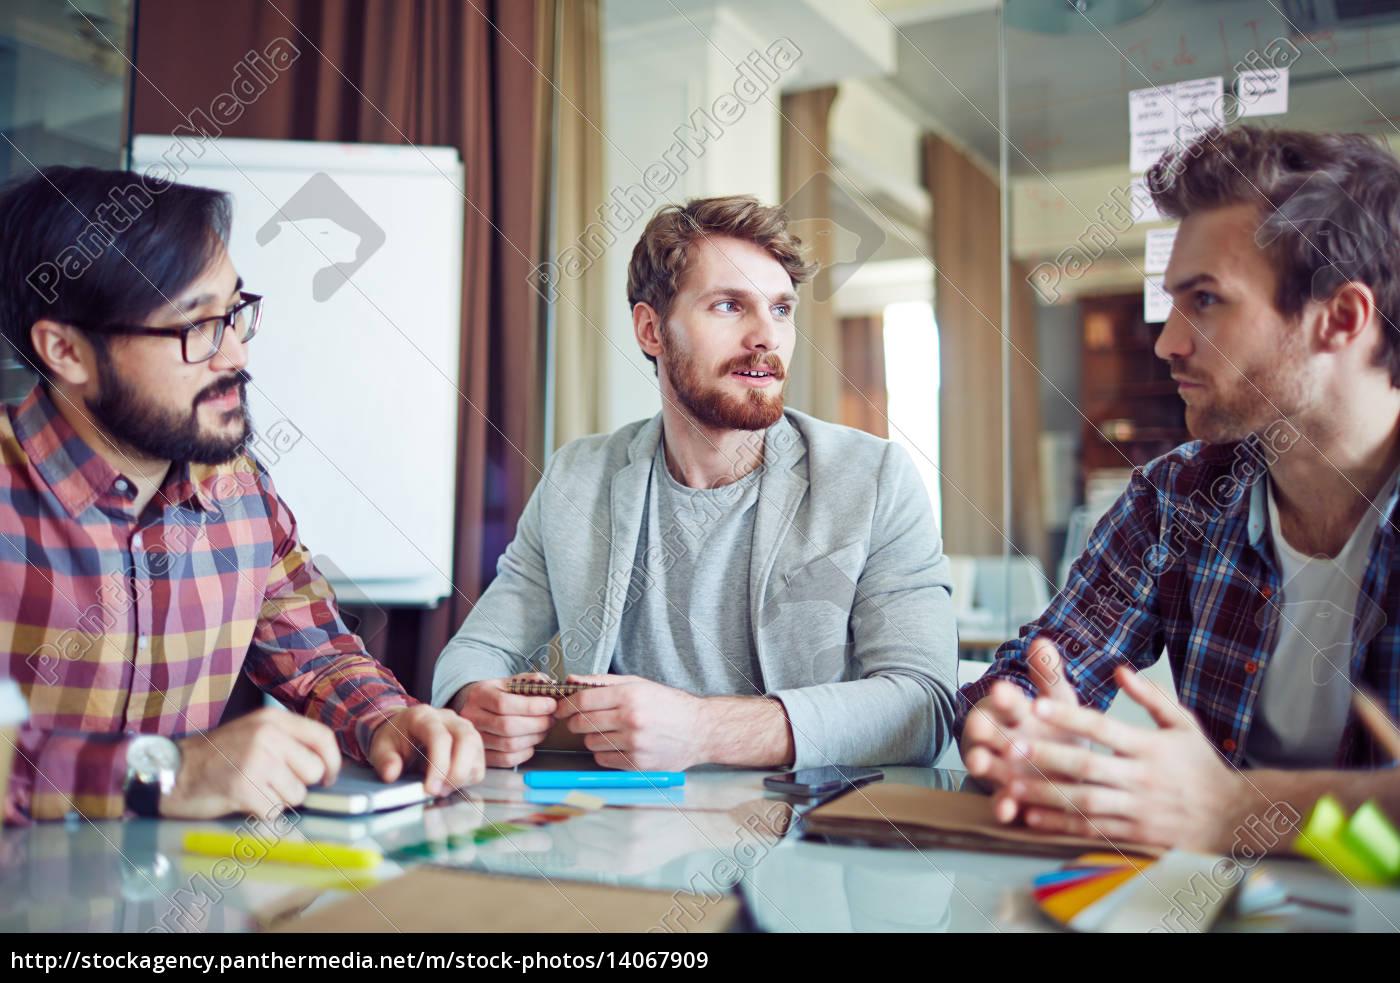 businessmen, at, work - 14067909